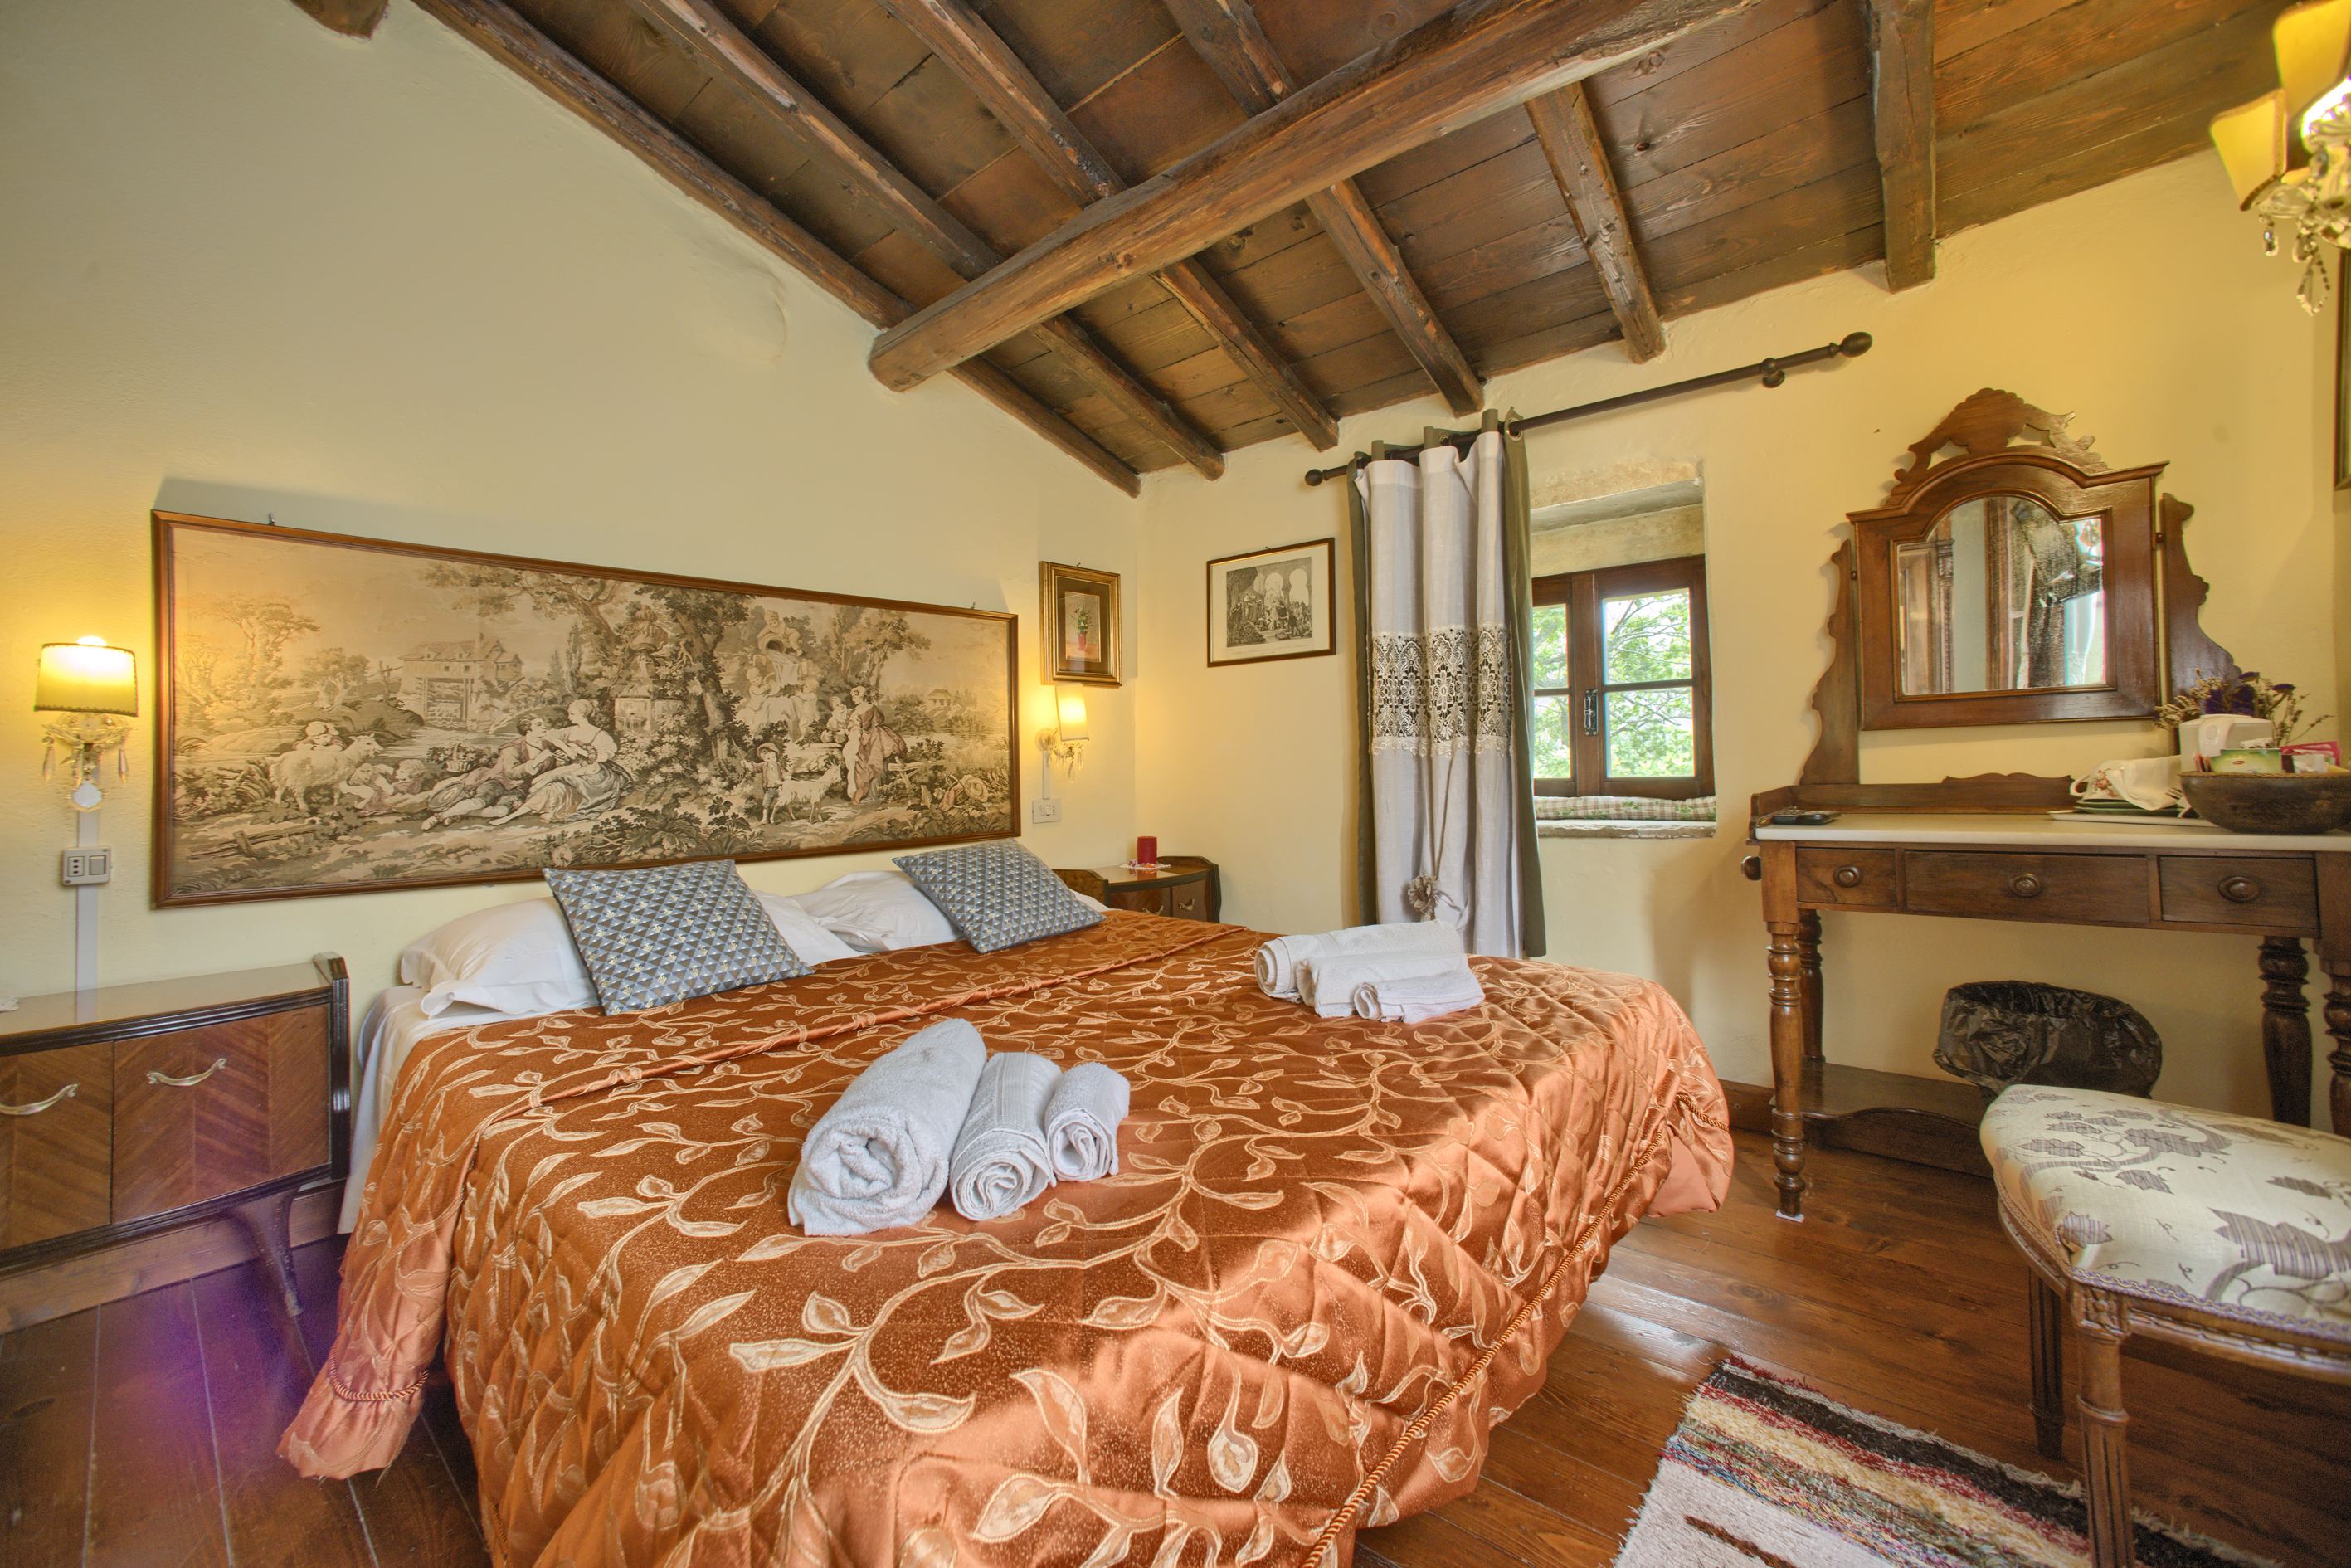 2 Settimane in Toscana in Camera o Piccolo Rustico